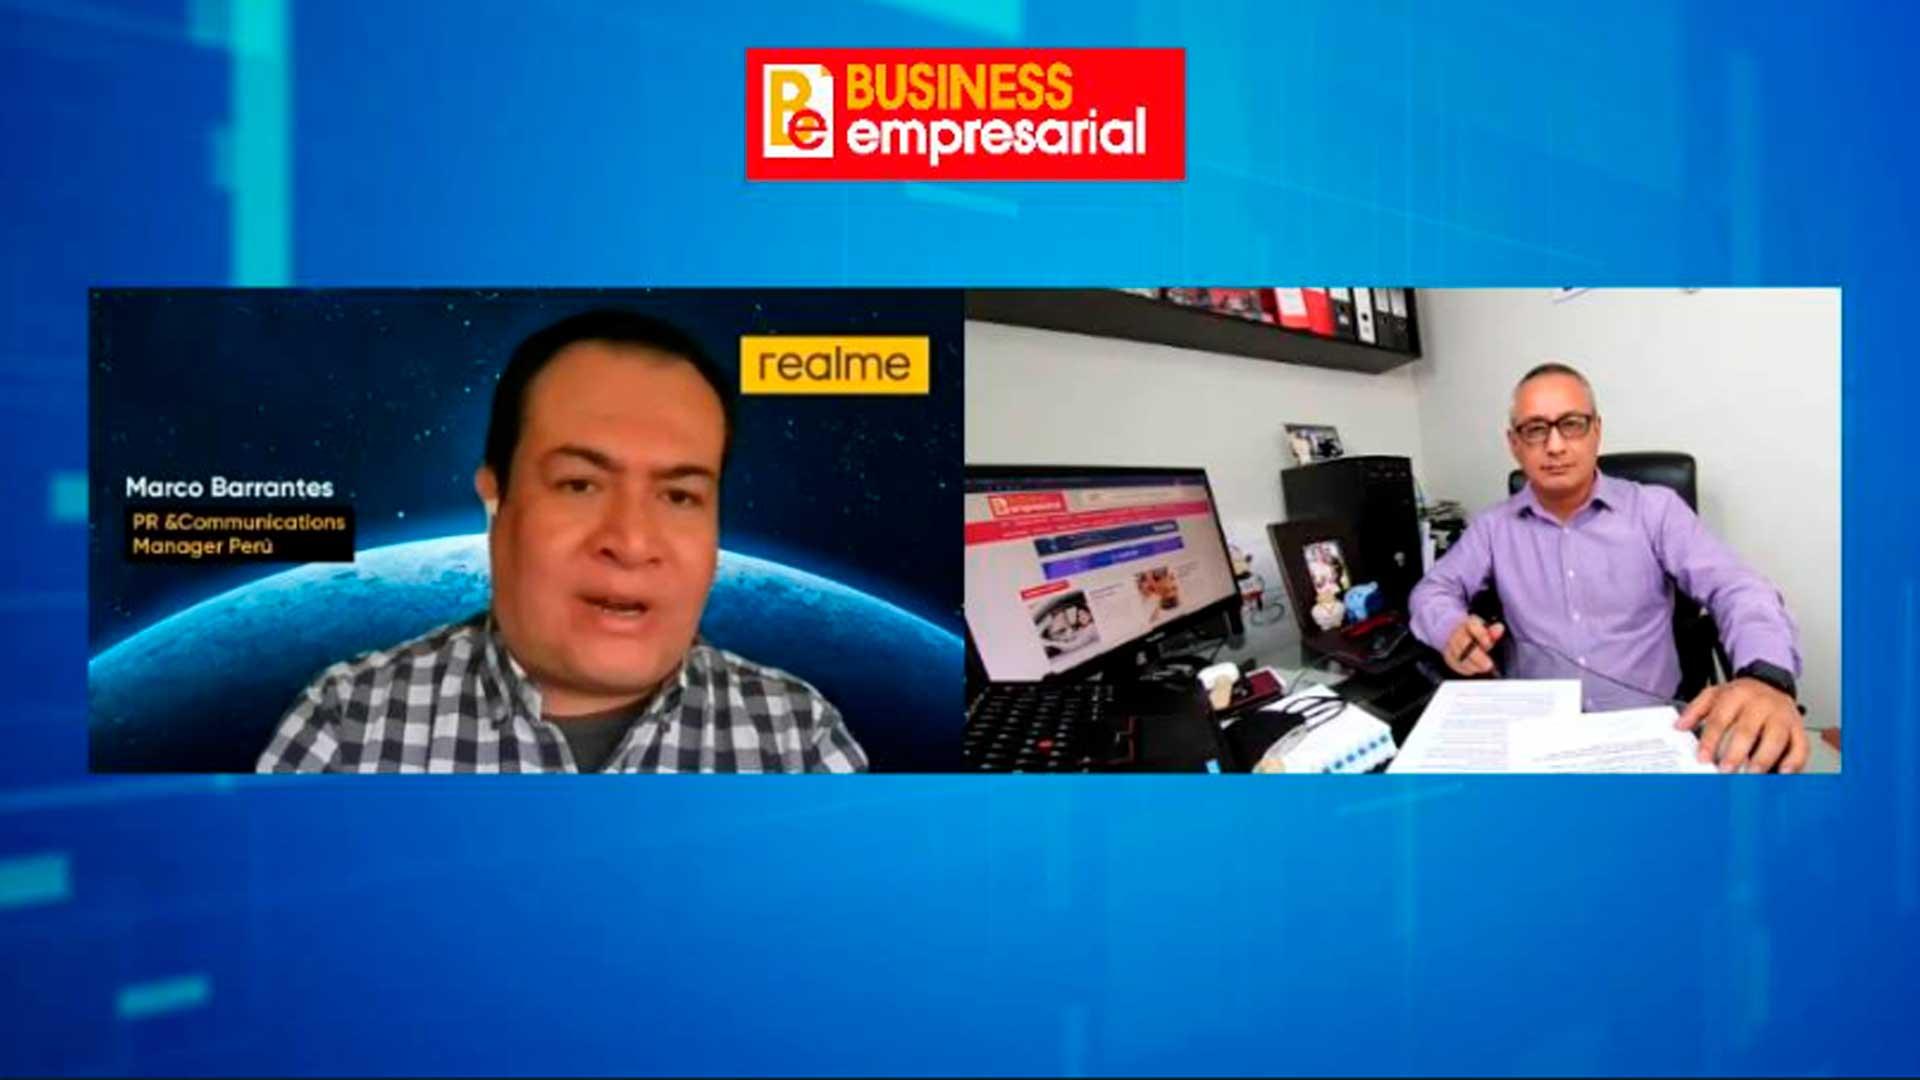 Marco Barrantes, Gerente de Relaciones Públicas y Comunicaciones de realme Perú